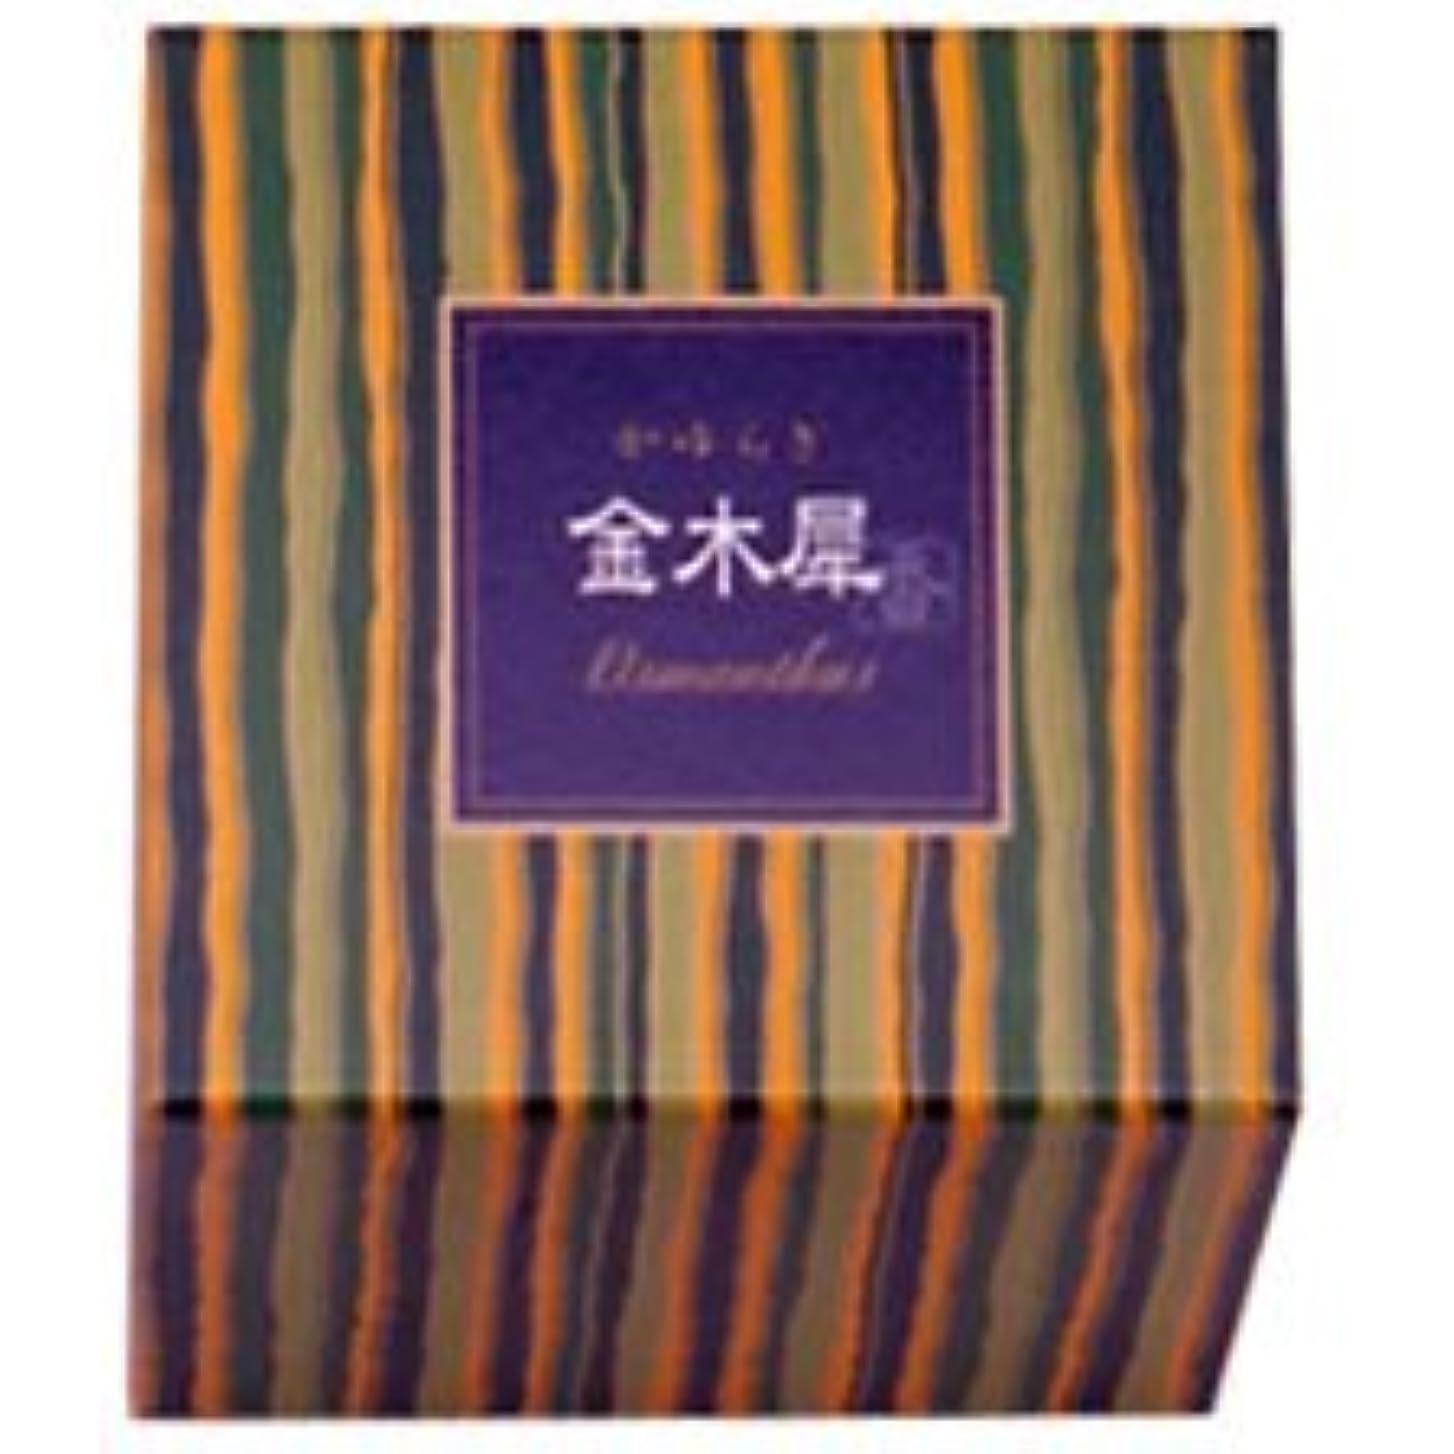 パワーセルレースレンチOsmanthus Kayuragi Japanese Incense by Nippon Kodo、12 Cones